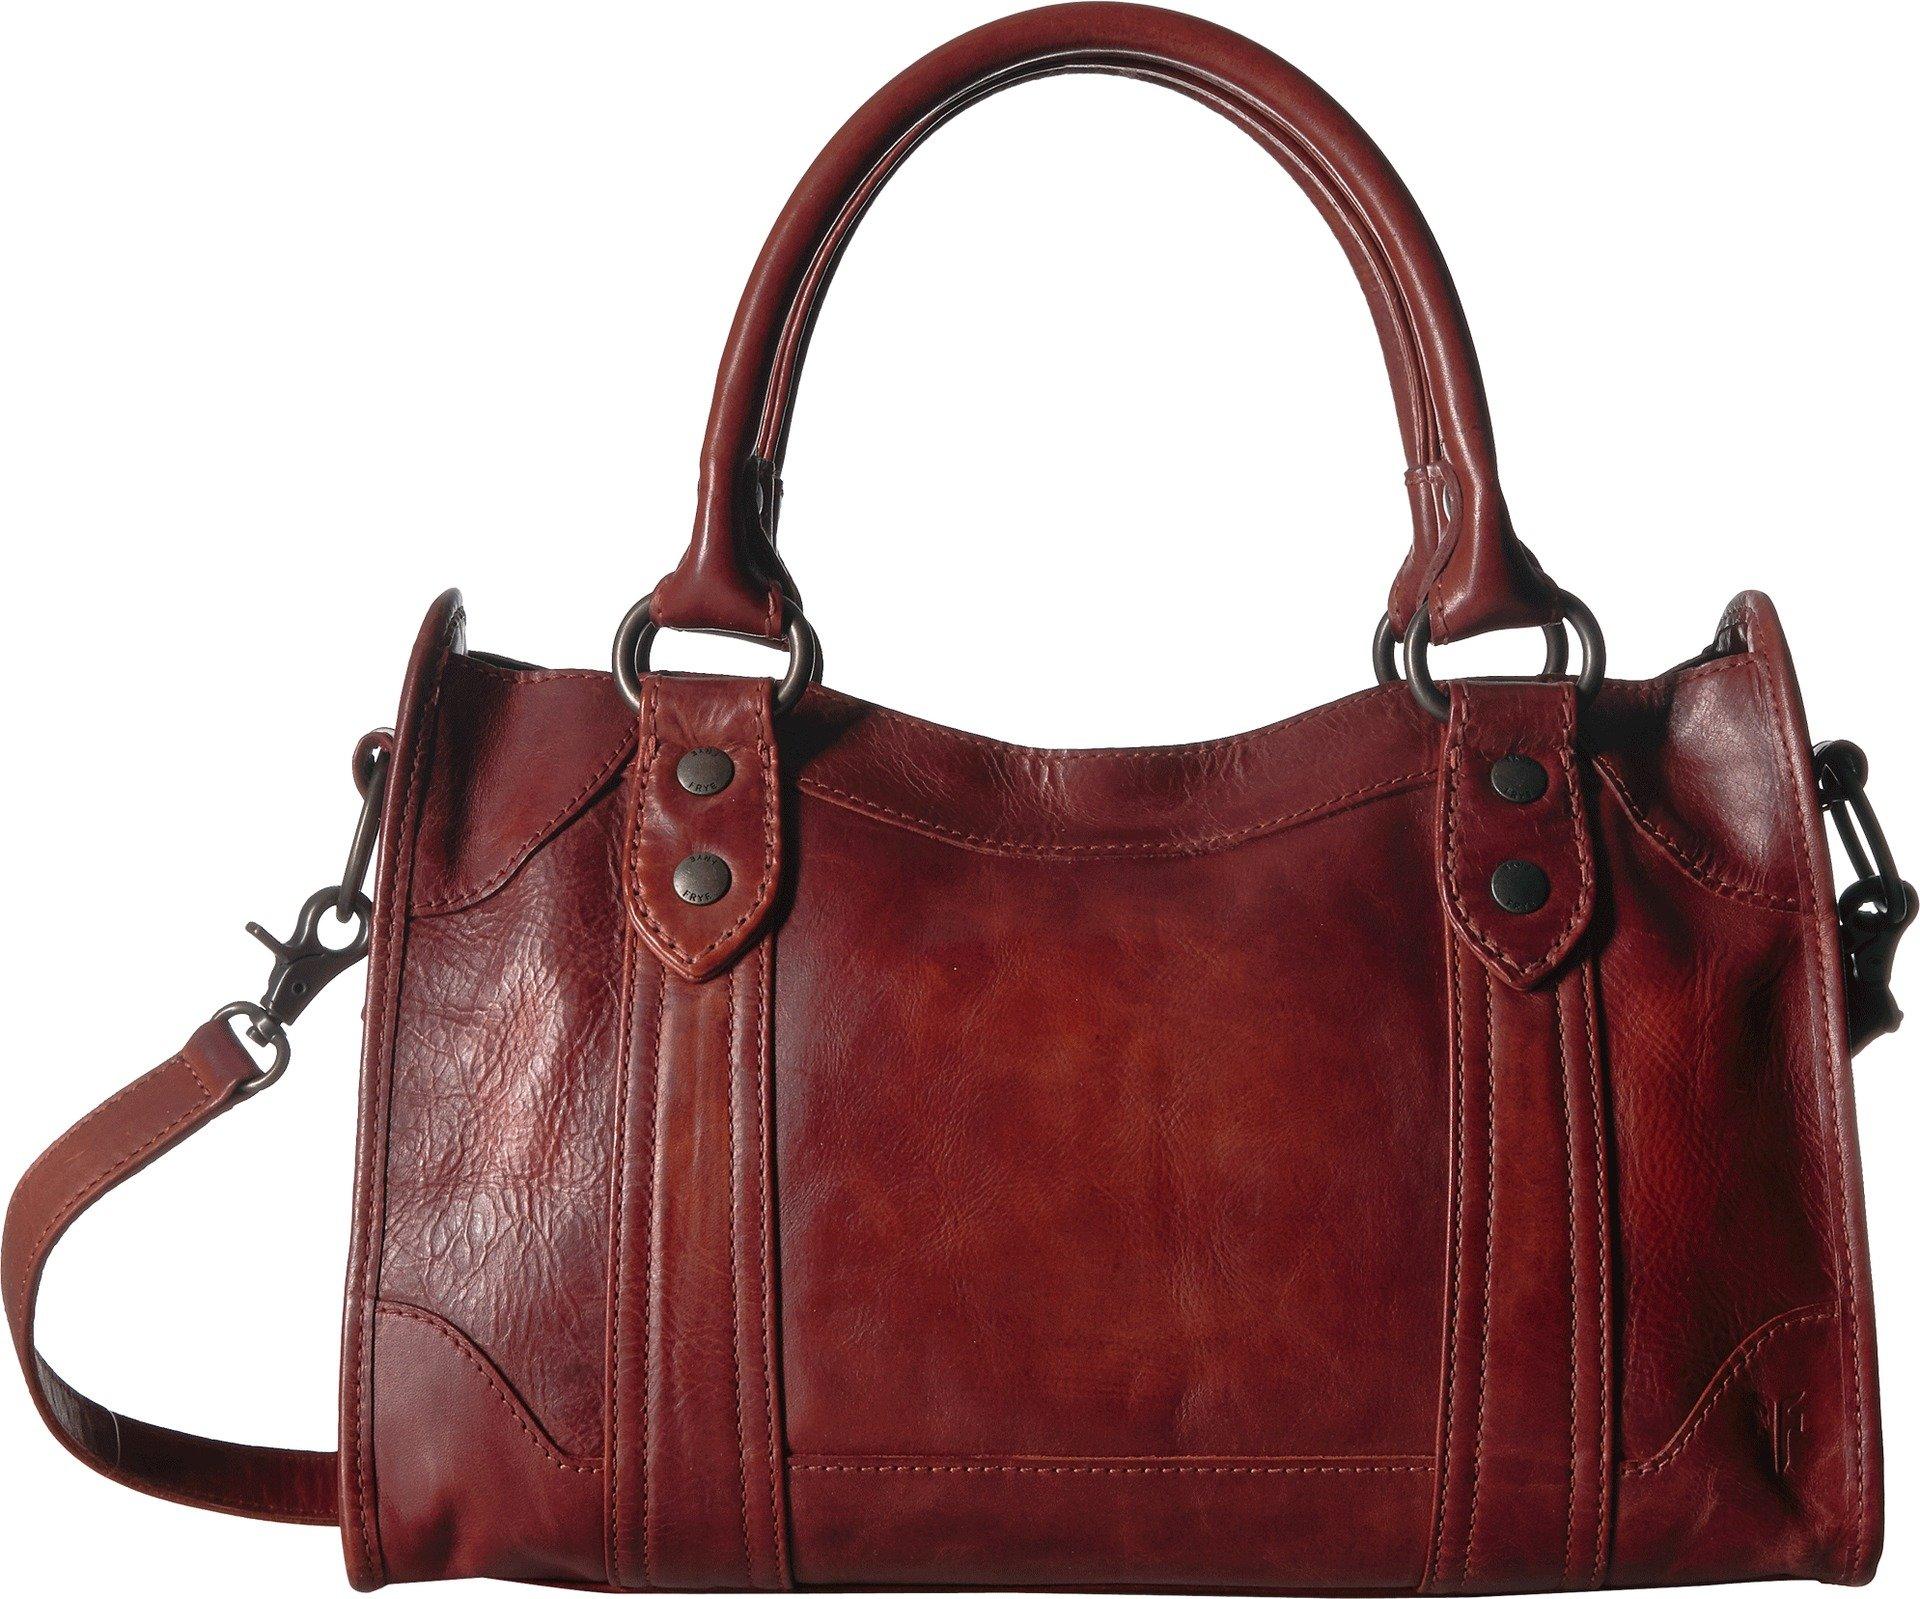 FRYE Melissa Zip Satchel Leather Handbag, red clay